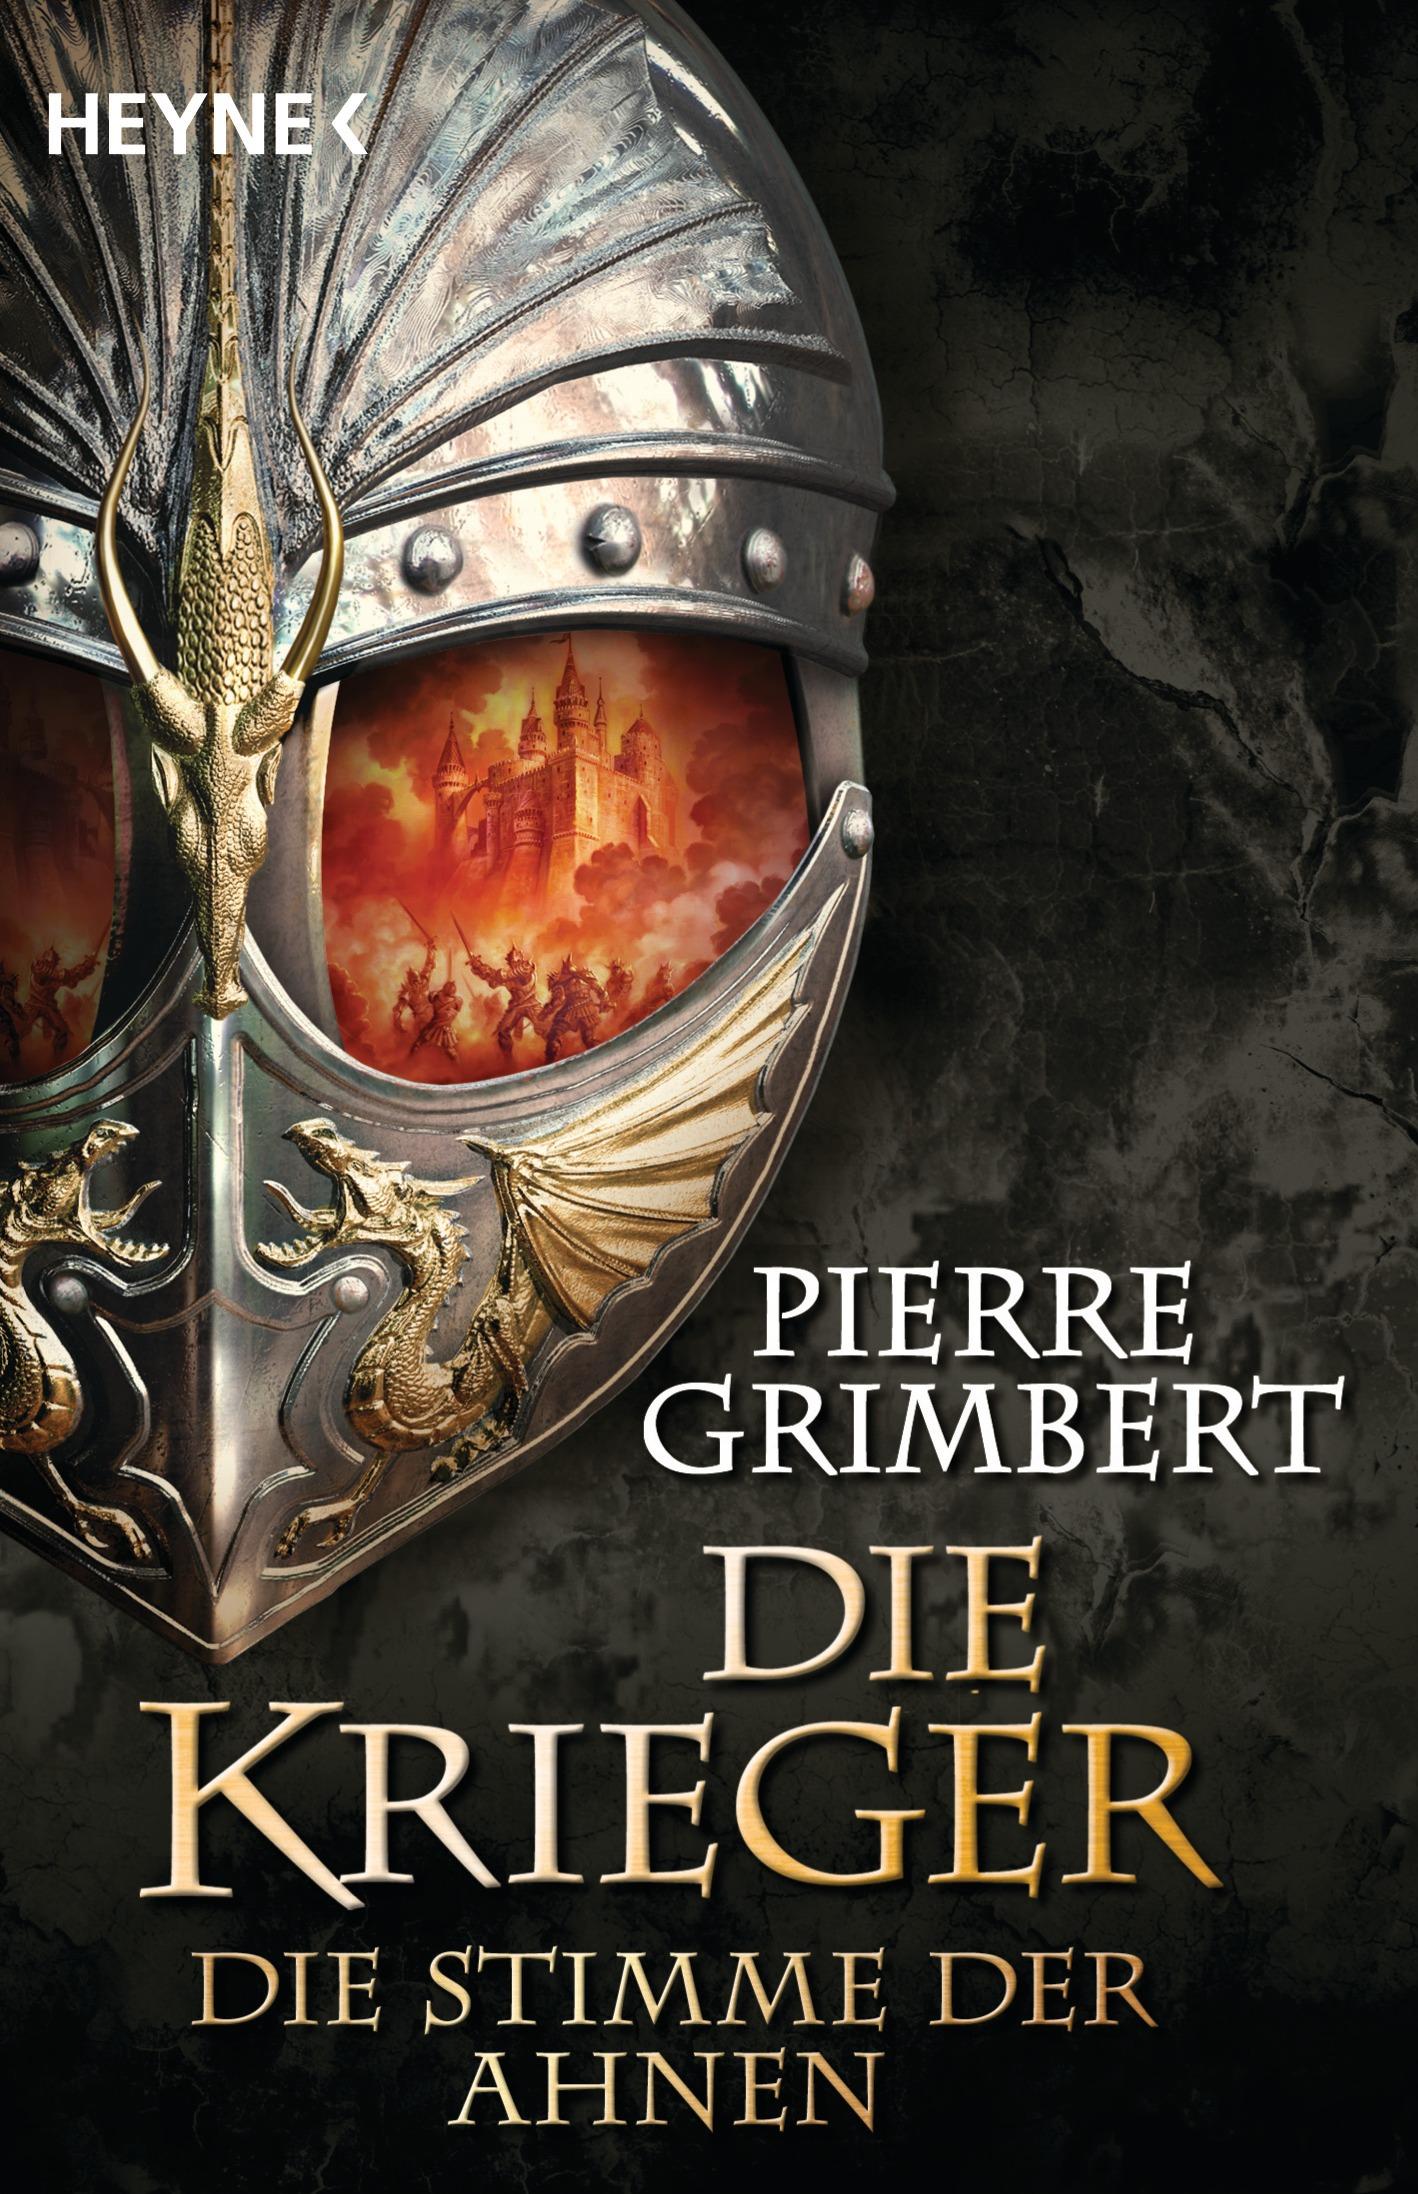 Die Stimme der Ahnen: Die Krieger 3 - Roman - P...